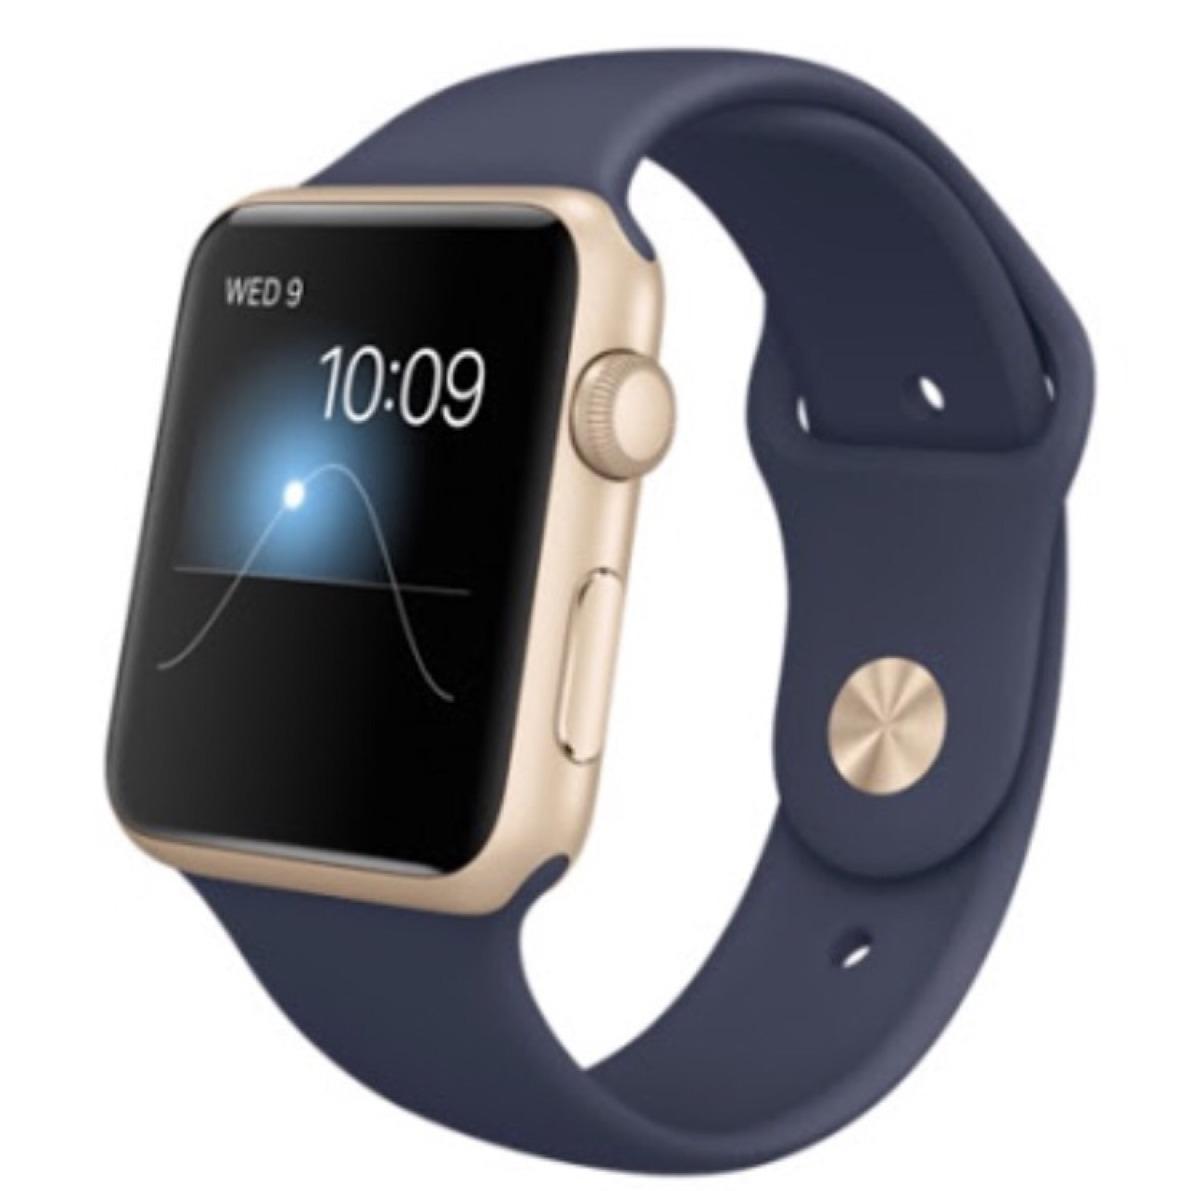 545baa095fb relógio apple iwatch azul com dourado 42mm - lacrado. Carregando zoom.